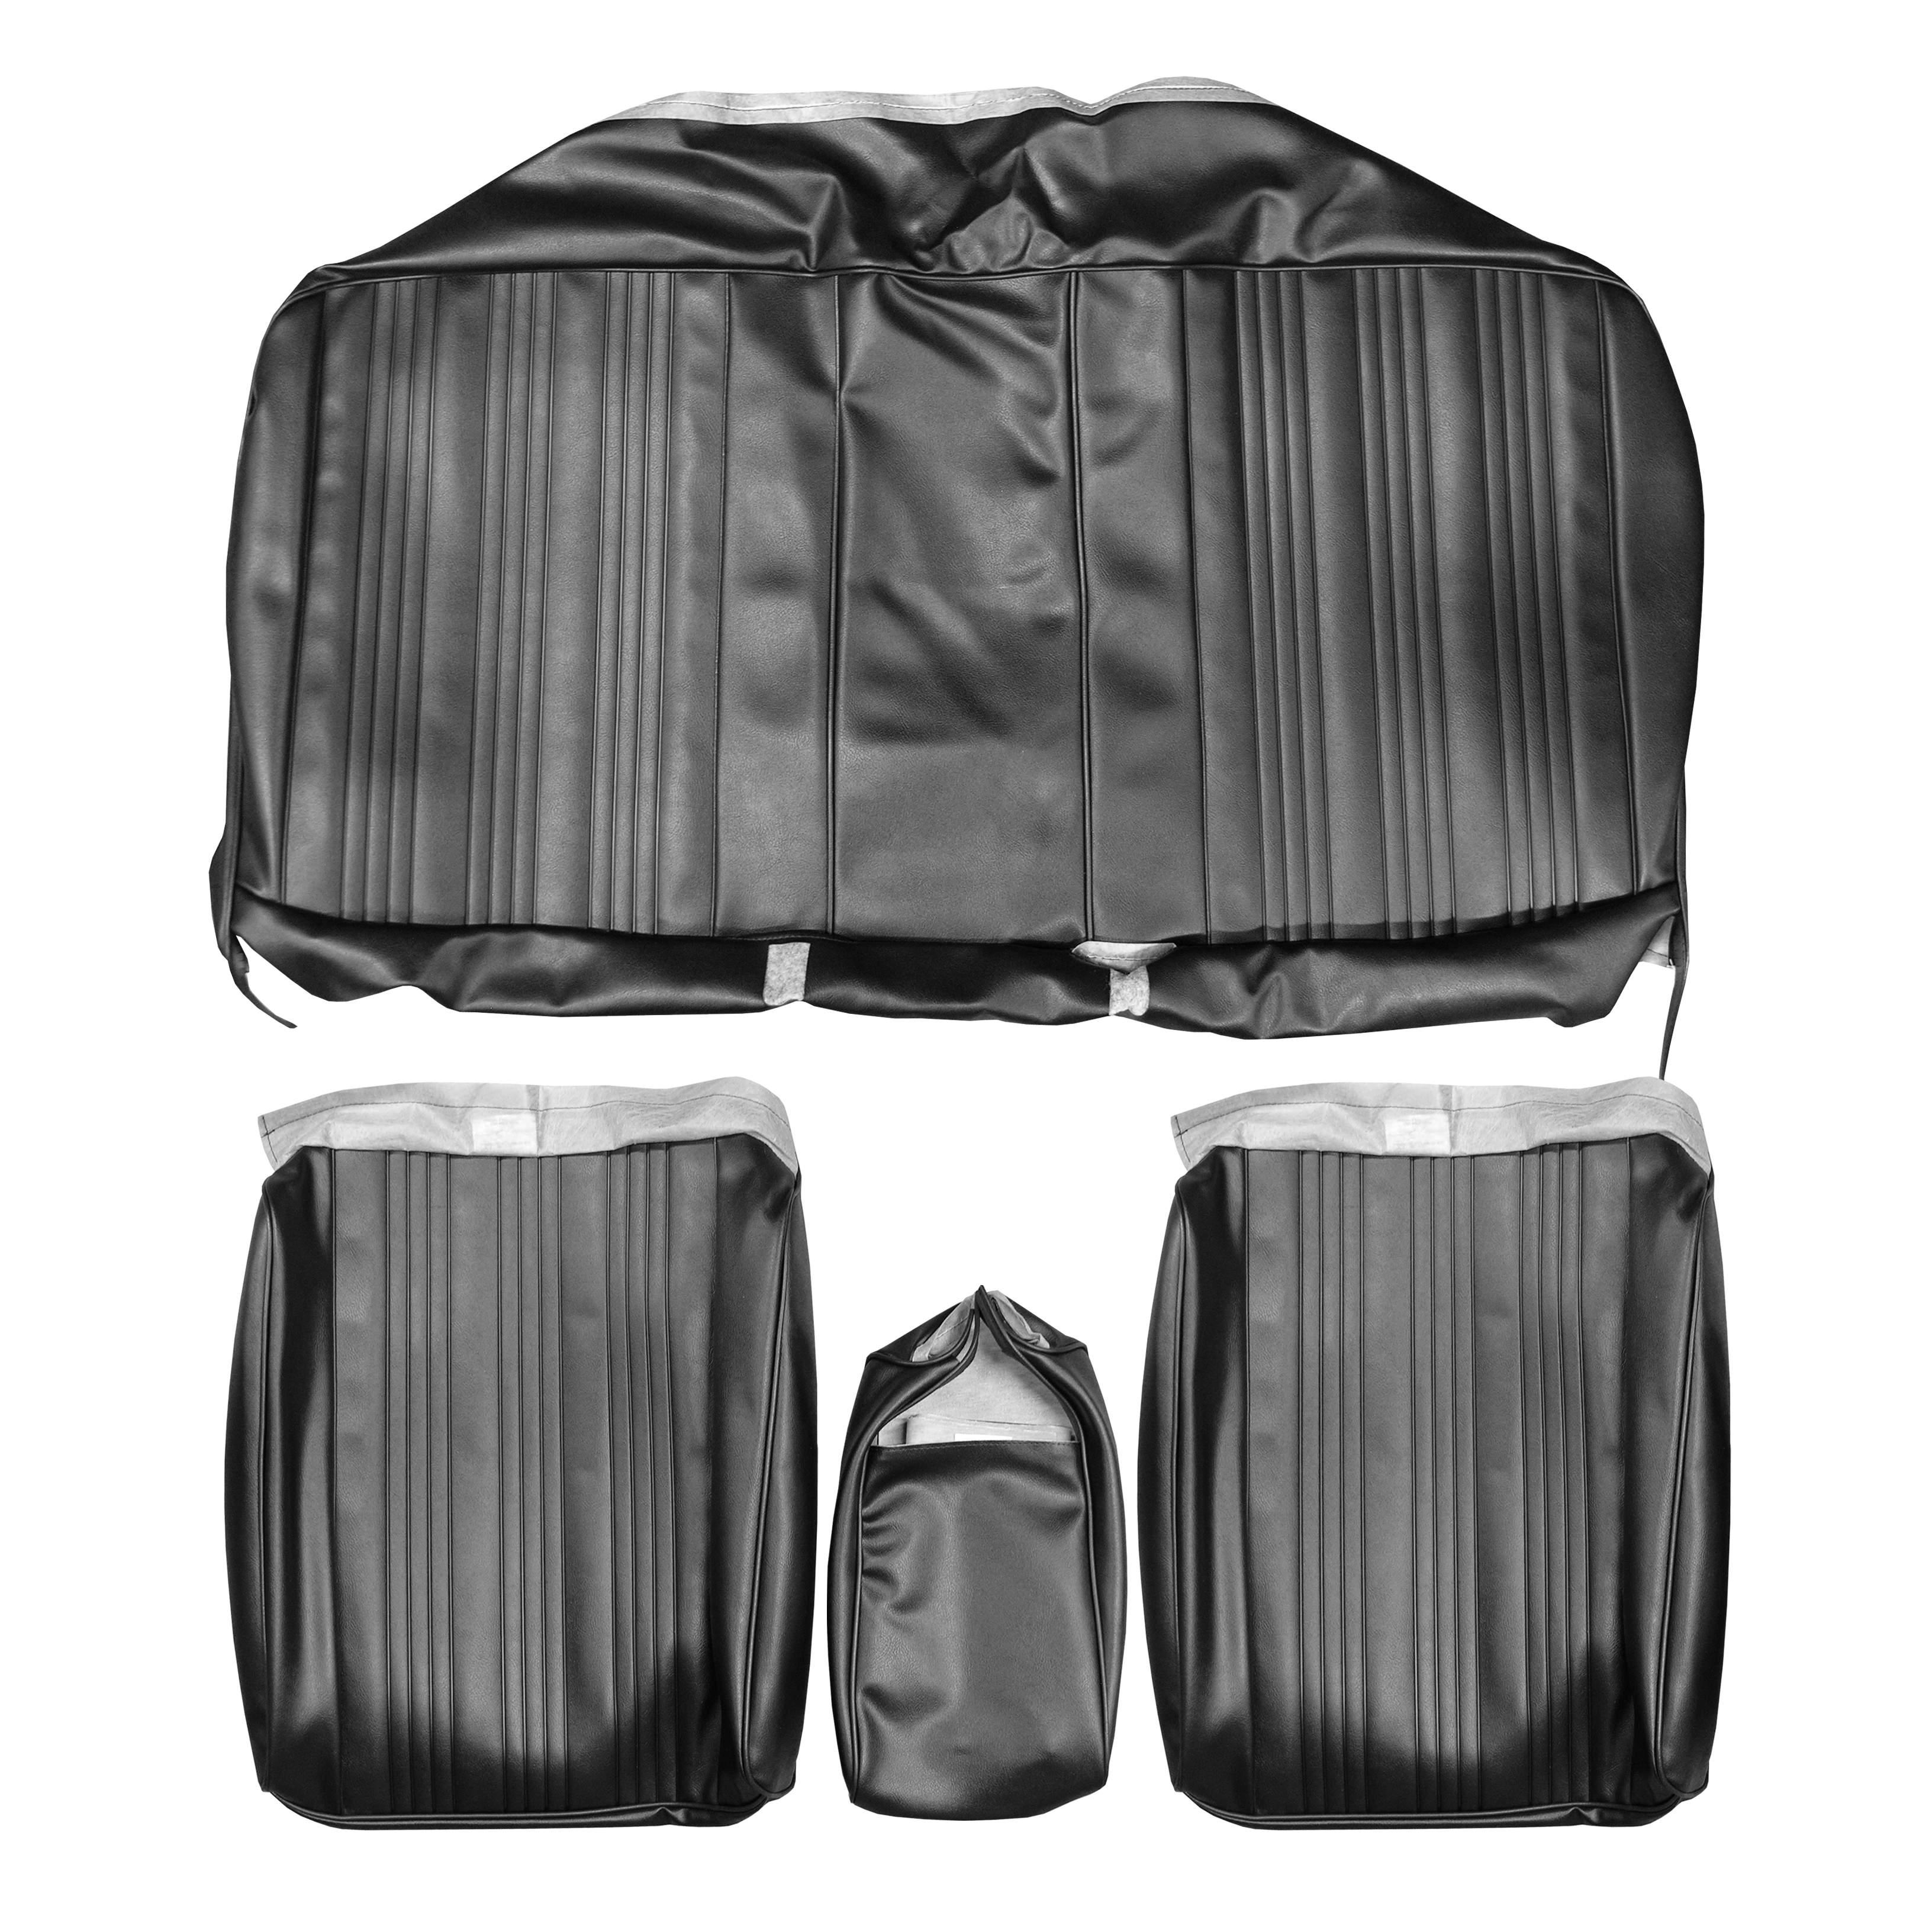 67 GTO/LEMANS SPLIT BENCH W/ CENTER ARMREST - BLACK